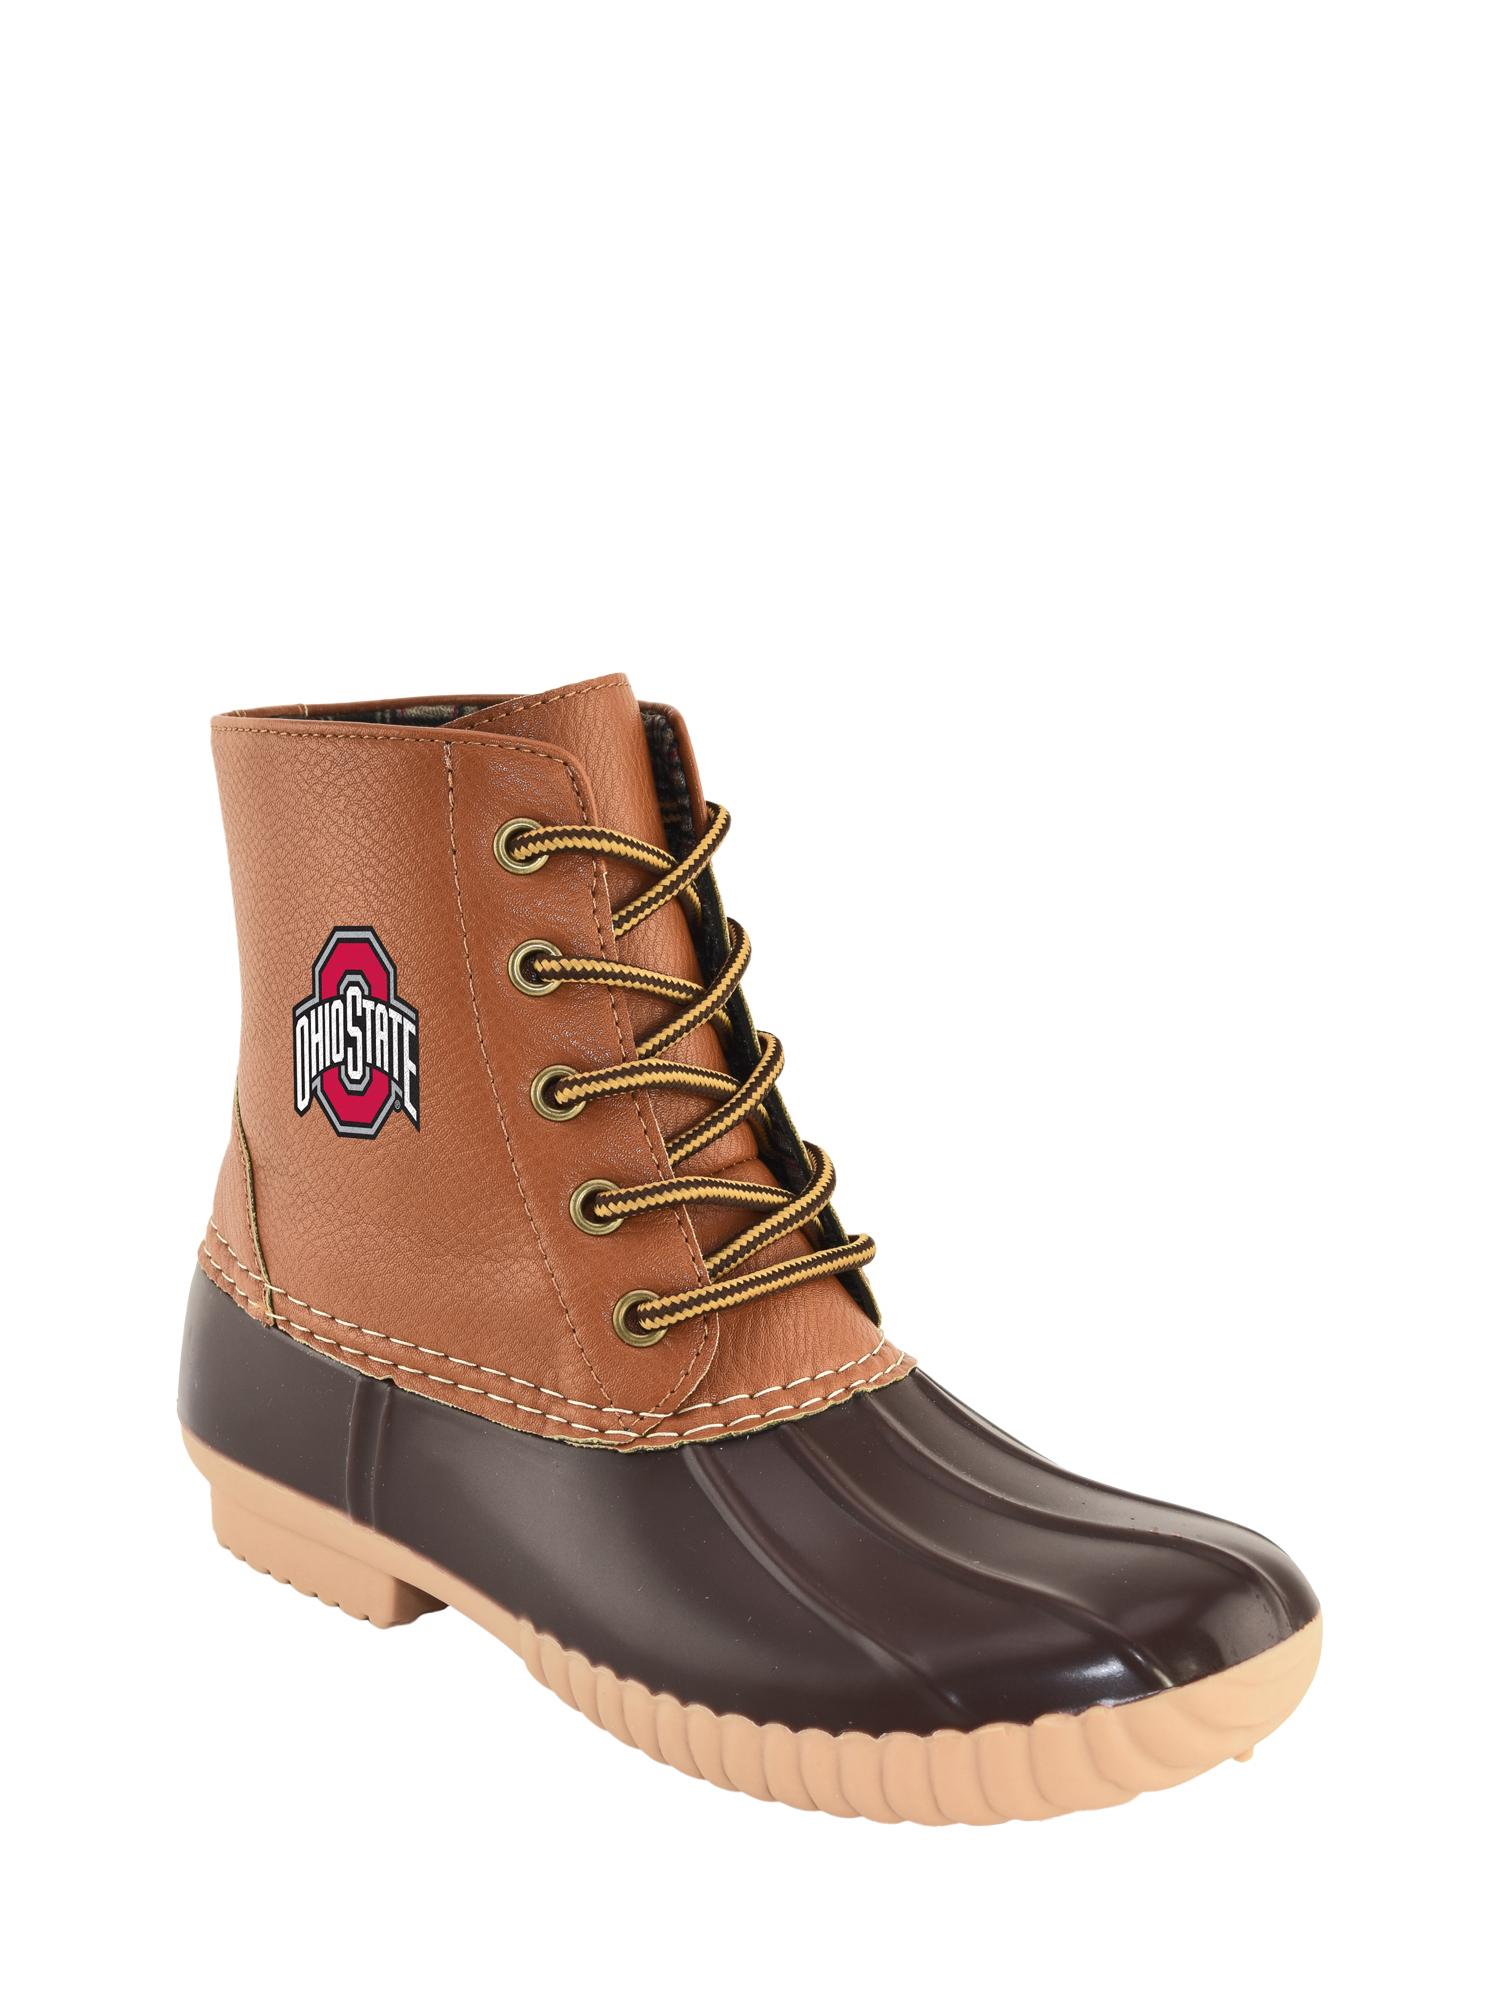 NCAA NCAA Women's Ohio State High Duck Boot